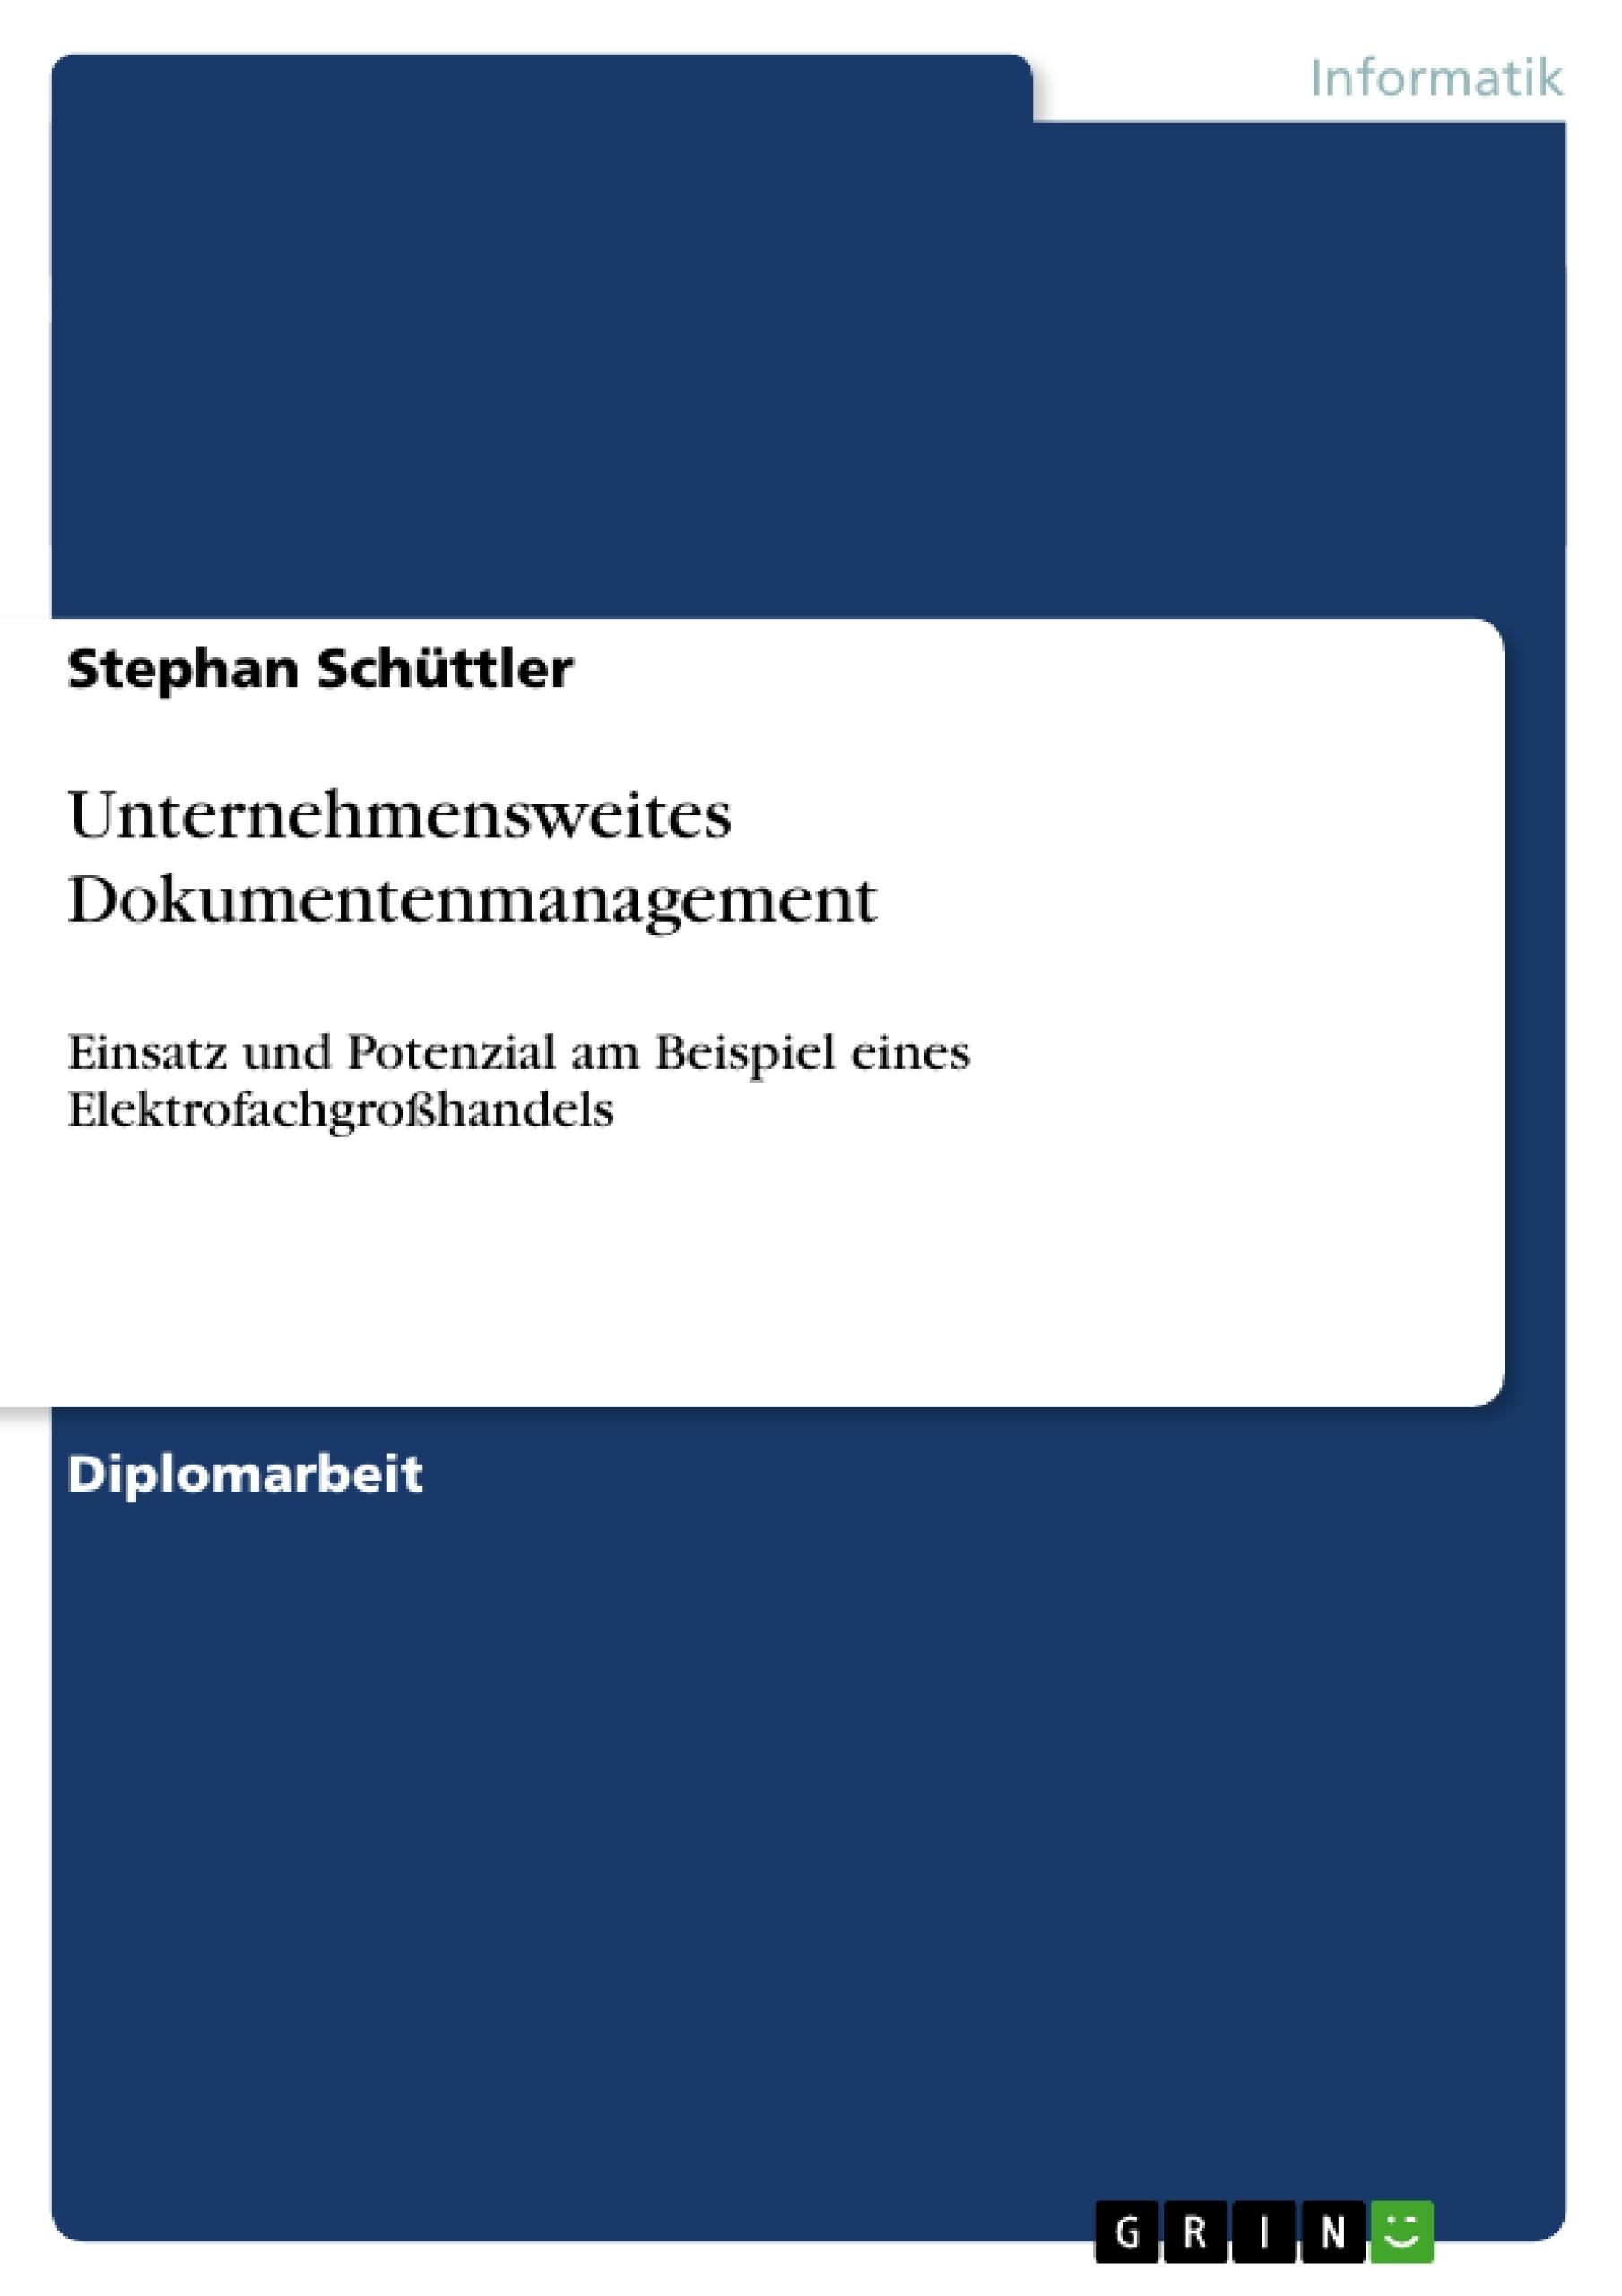 Titel: Unternehmensweites Dokumentenmanagement